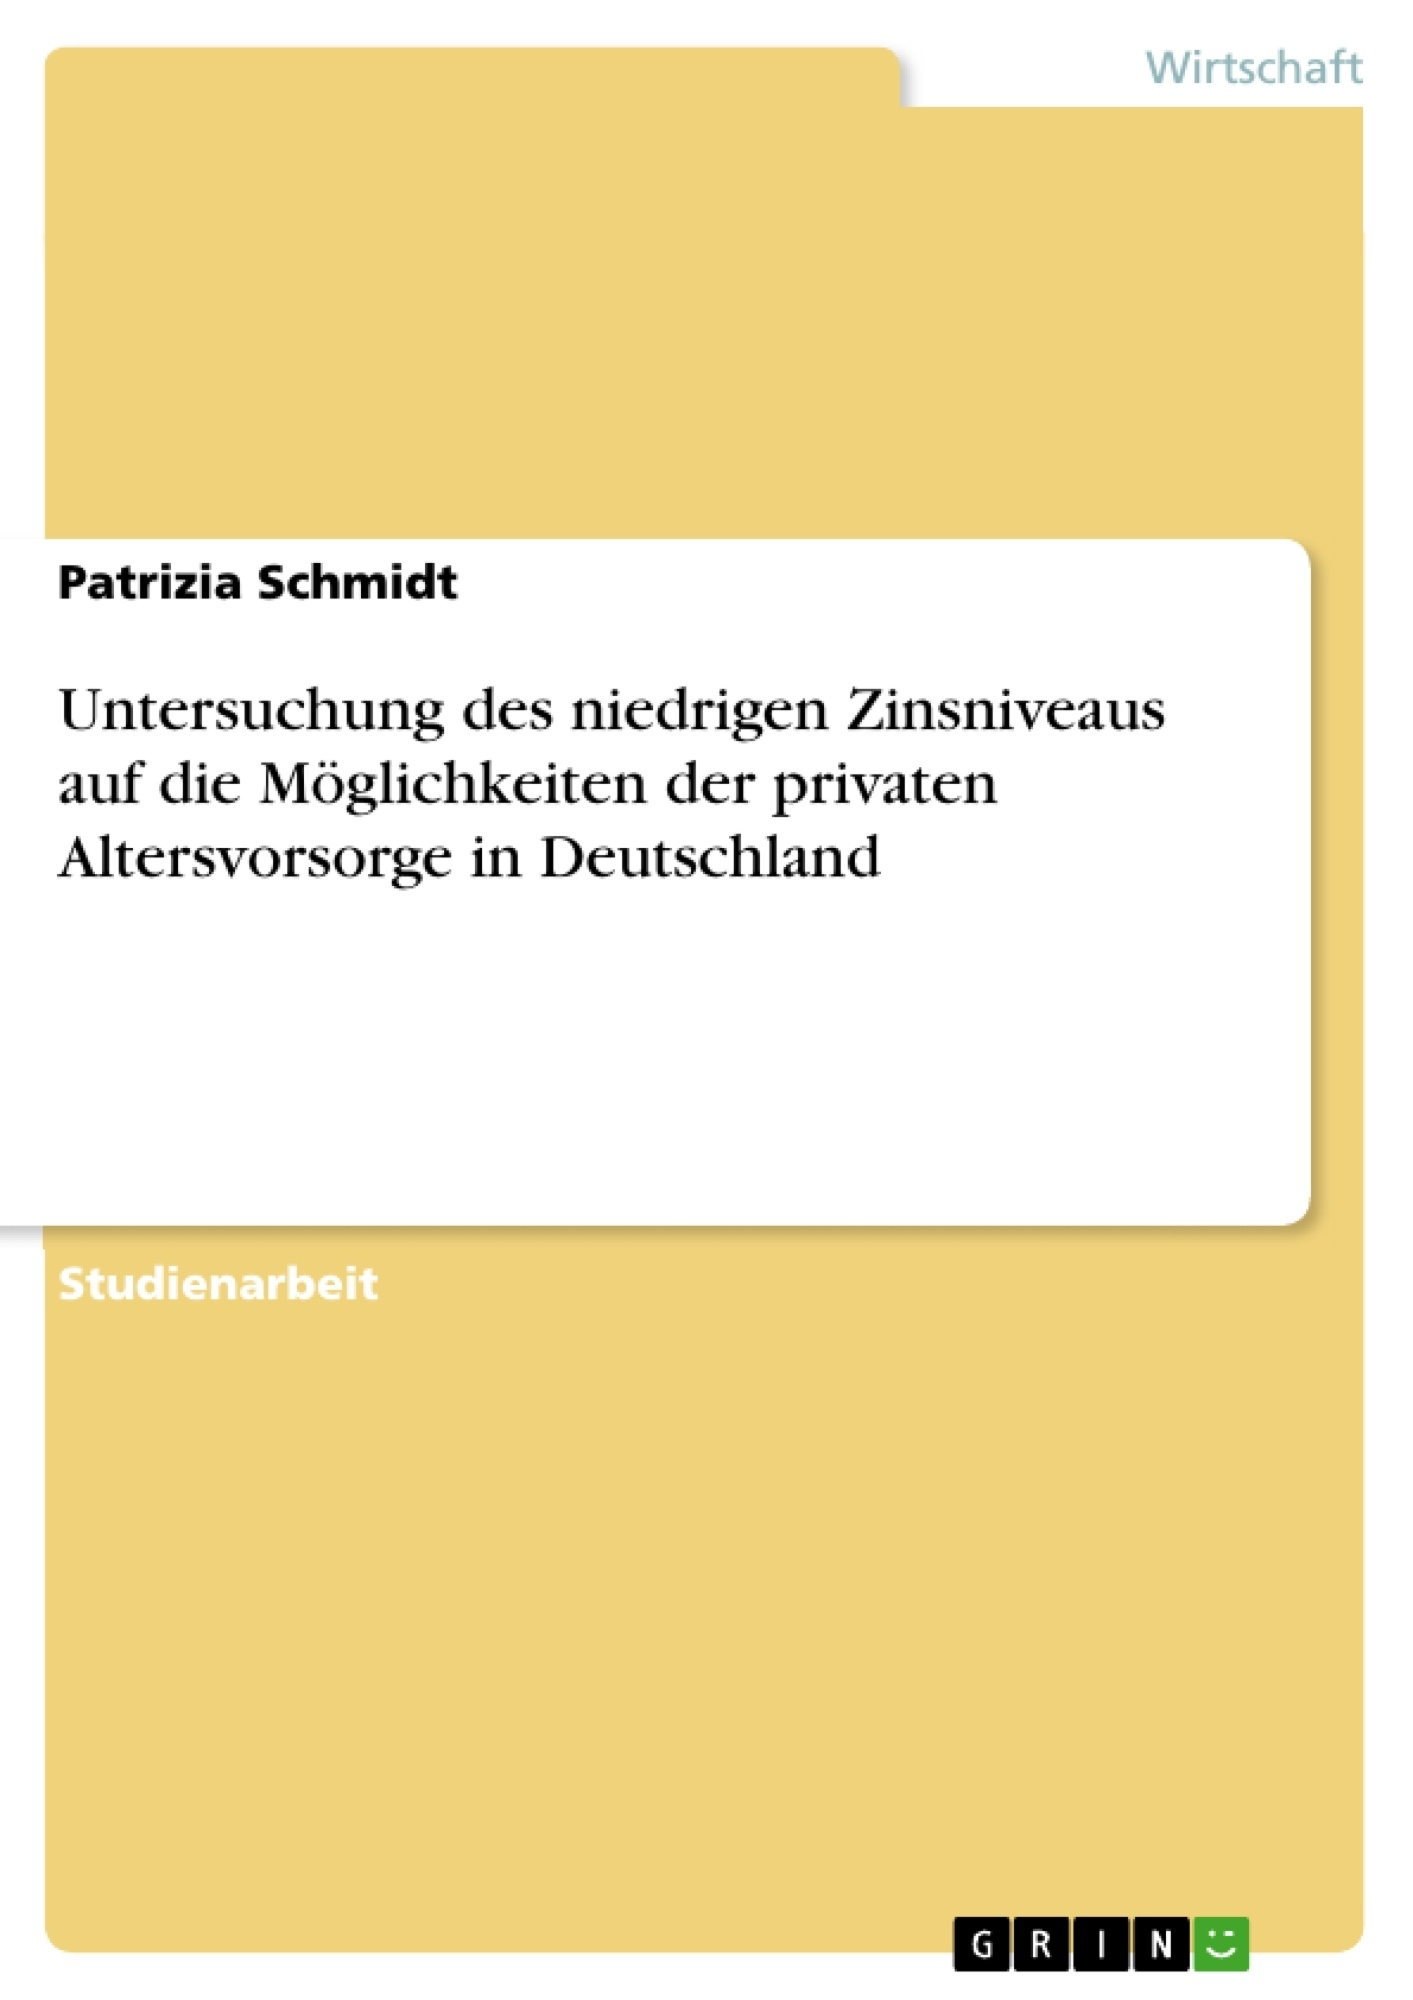 Titel: Untersuchung des niedrigen Zinsniveaus auf die Möglichkeiten der privaten Altersvorsorge in Deutschland